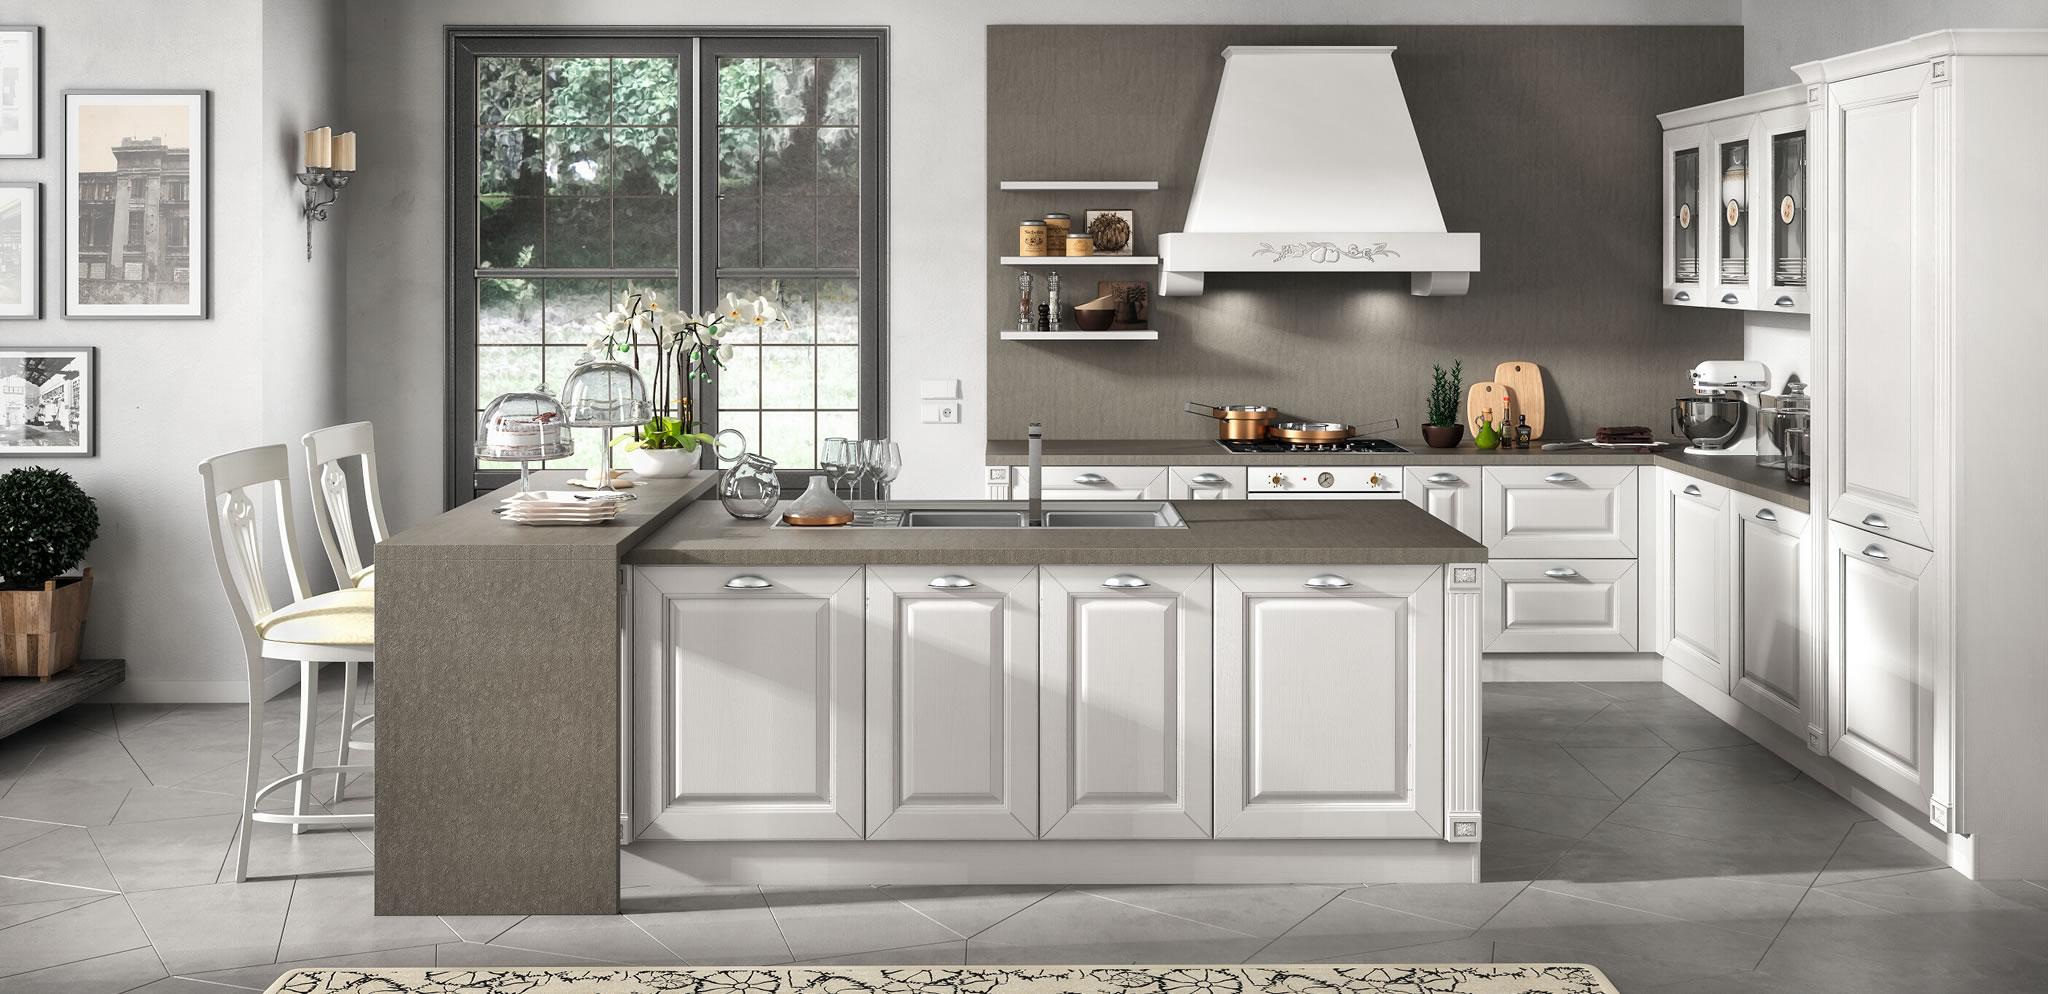 Home Living Cucine Camere Complementi Contatti Cerca #567562 2048 994 Le 10 Cucine Più Belle Del Mondo